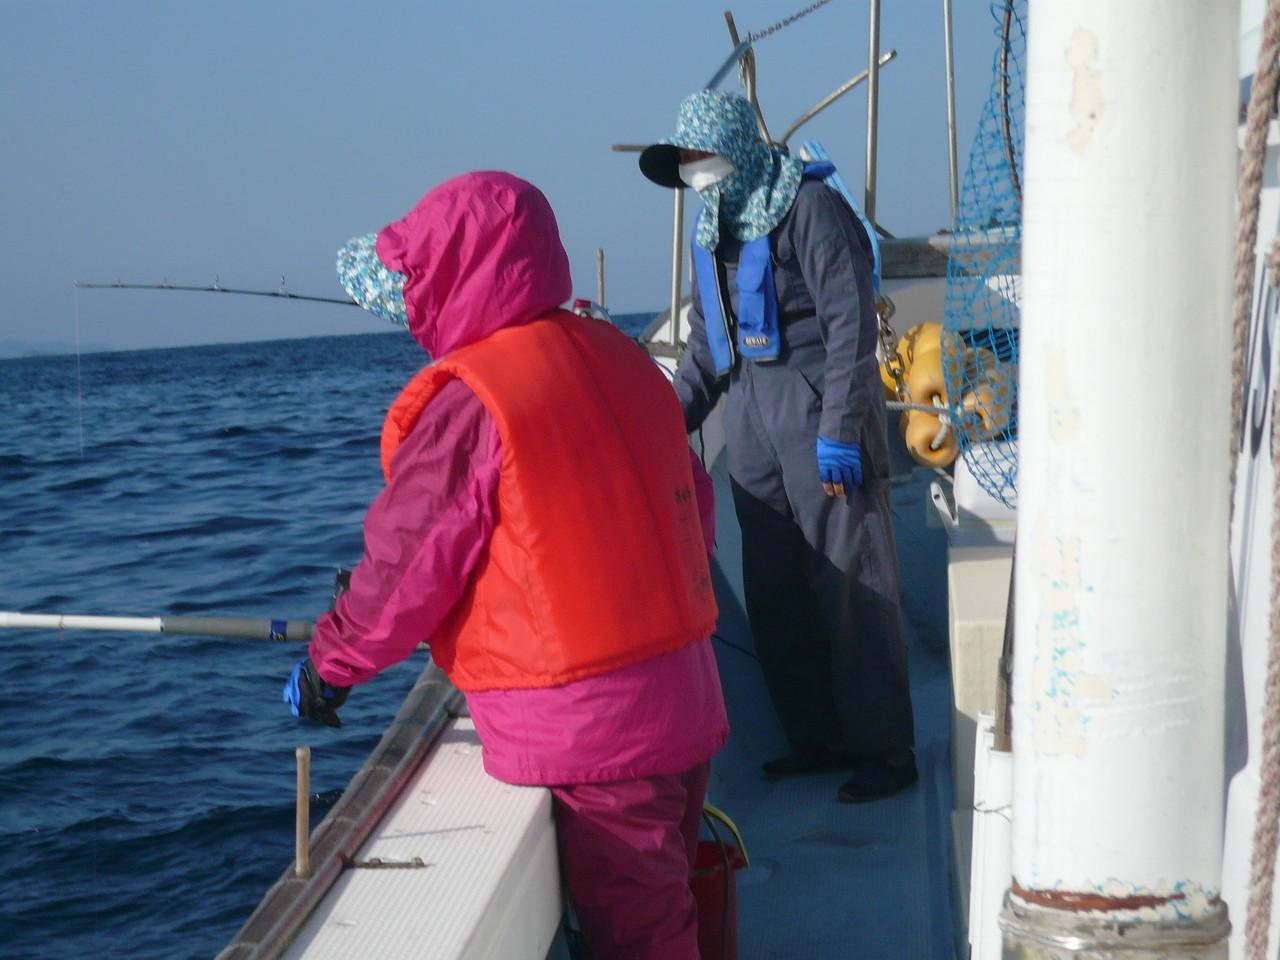 3月12日 イルカの為 ジギング止めて 餌釣りに切り替えました 準備完了